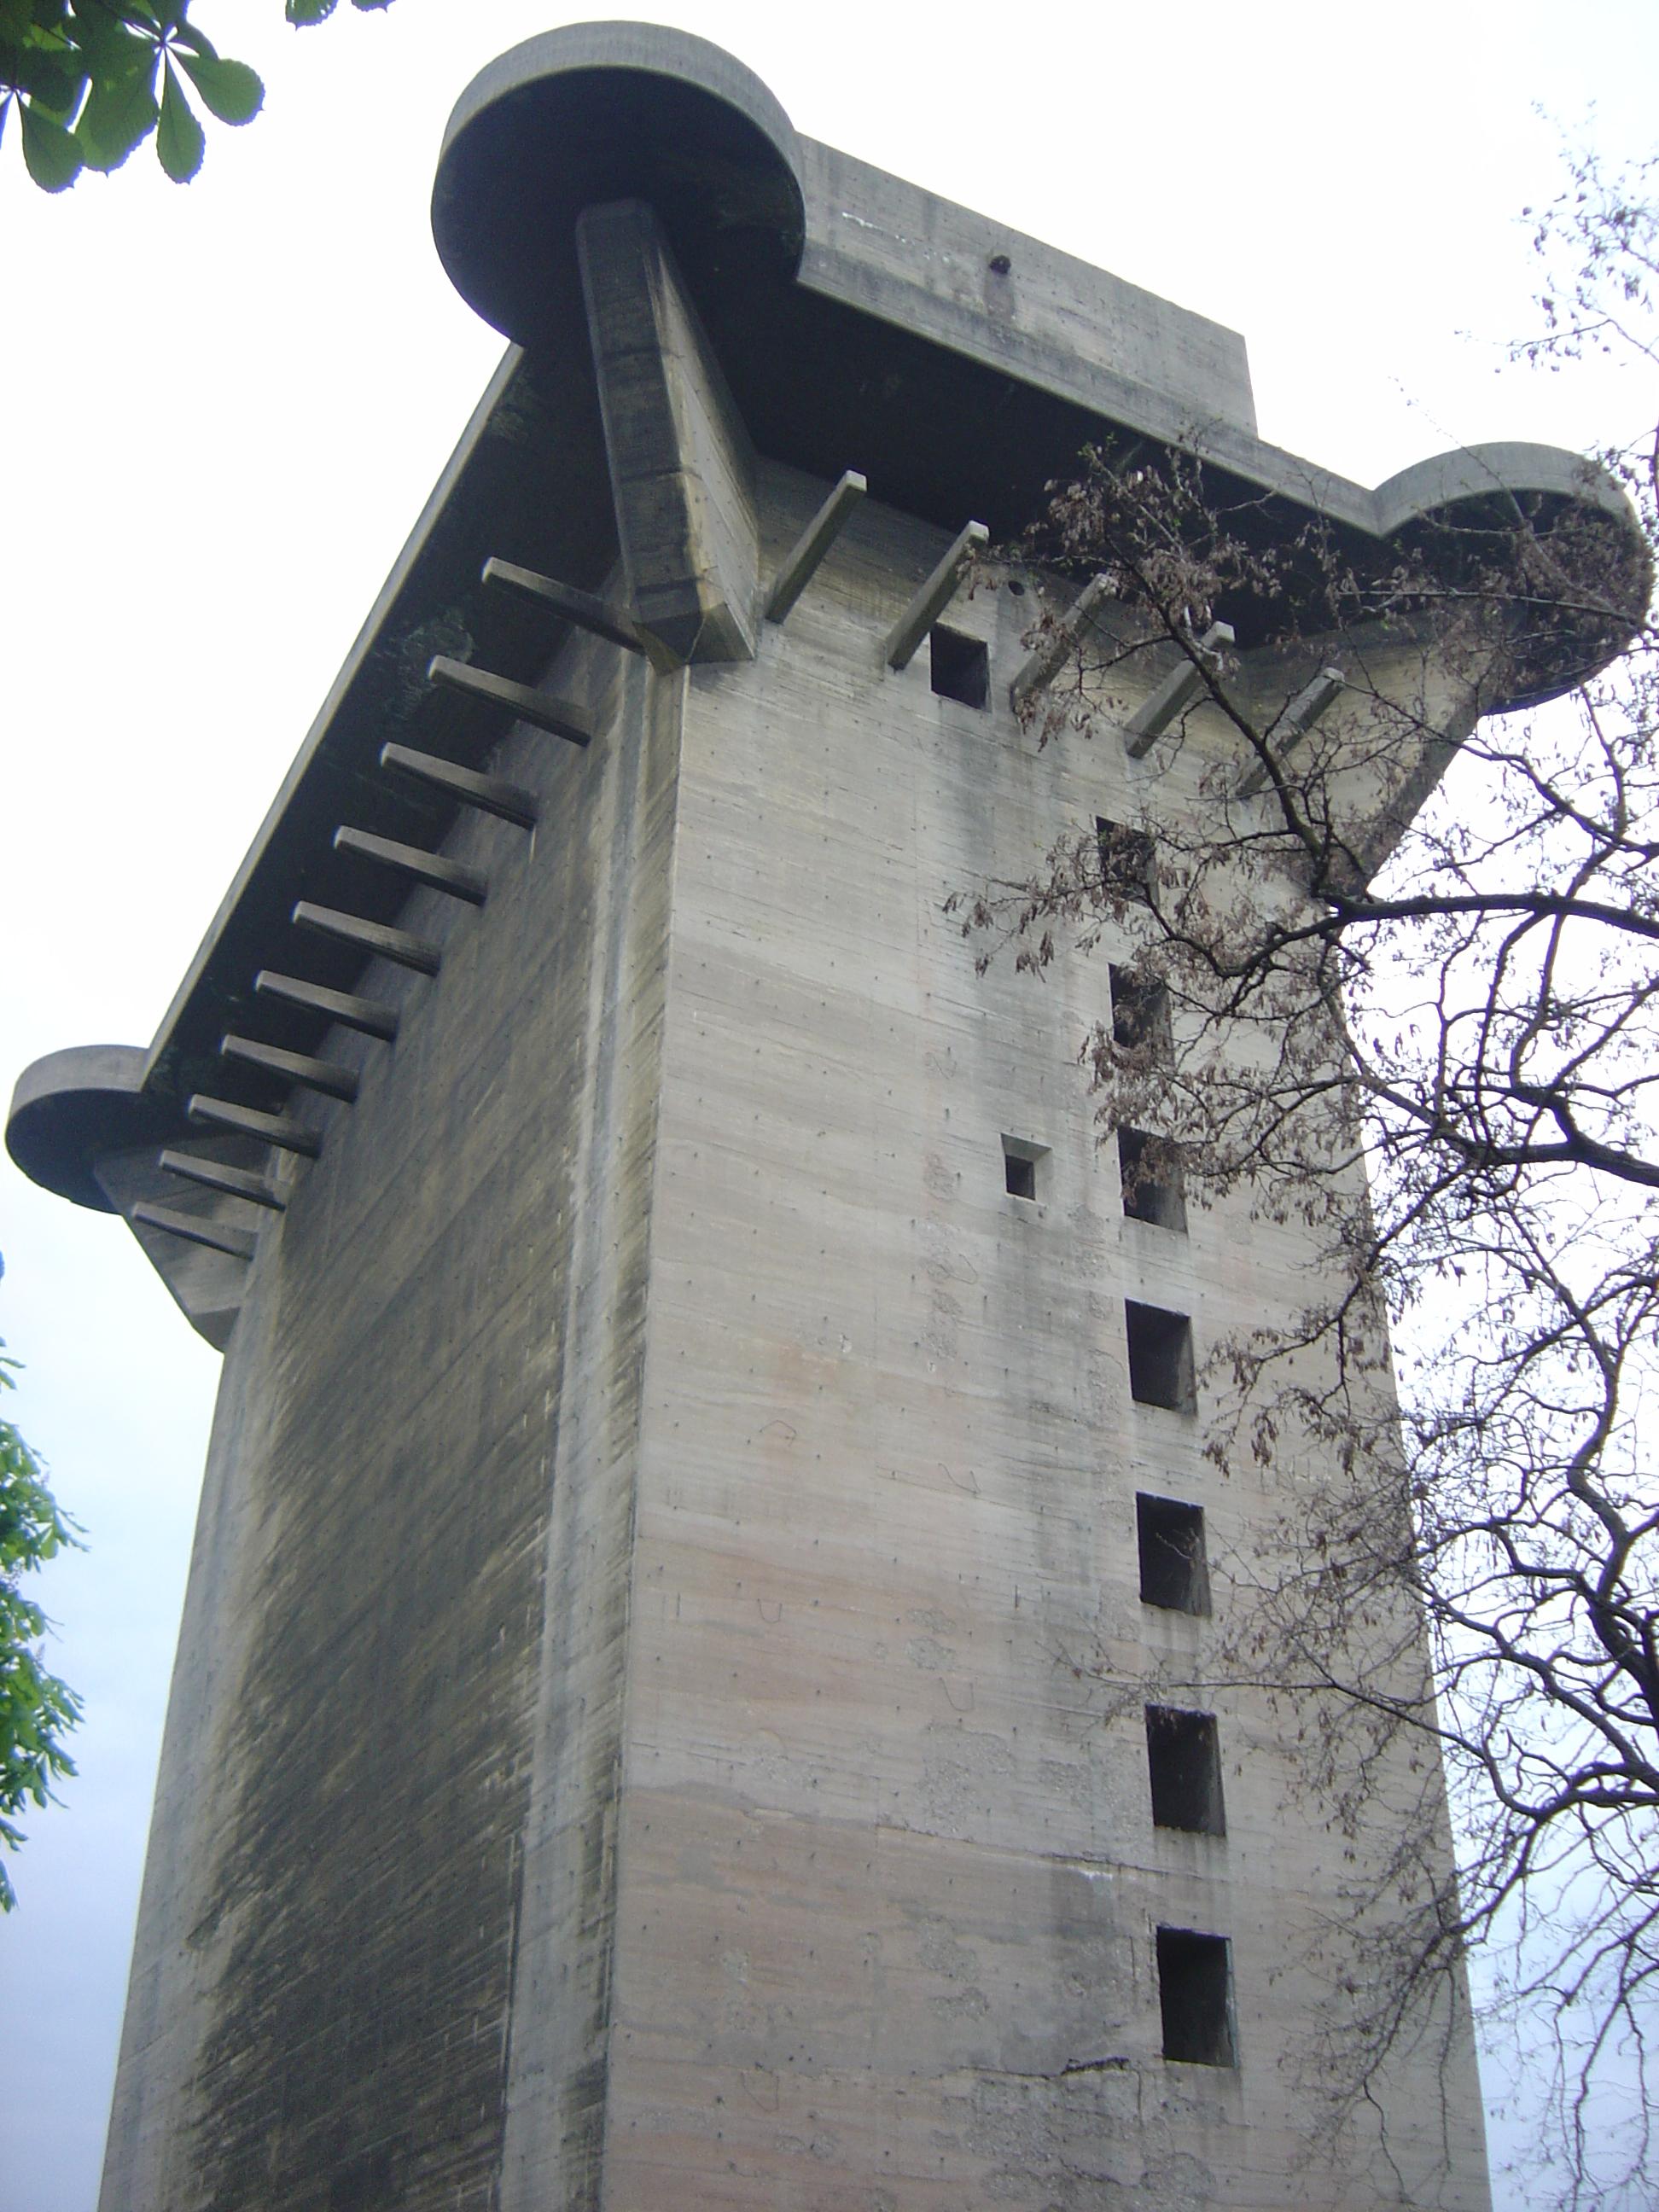 Vienna_flak_tower_dsc01594.jpg